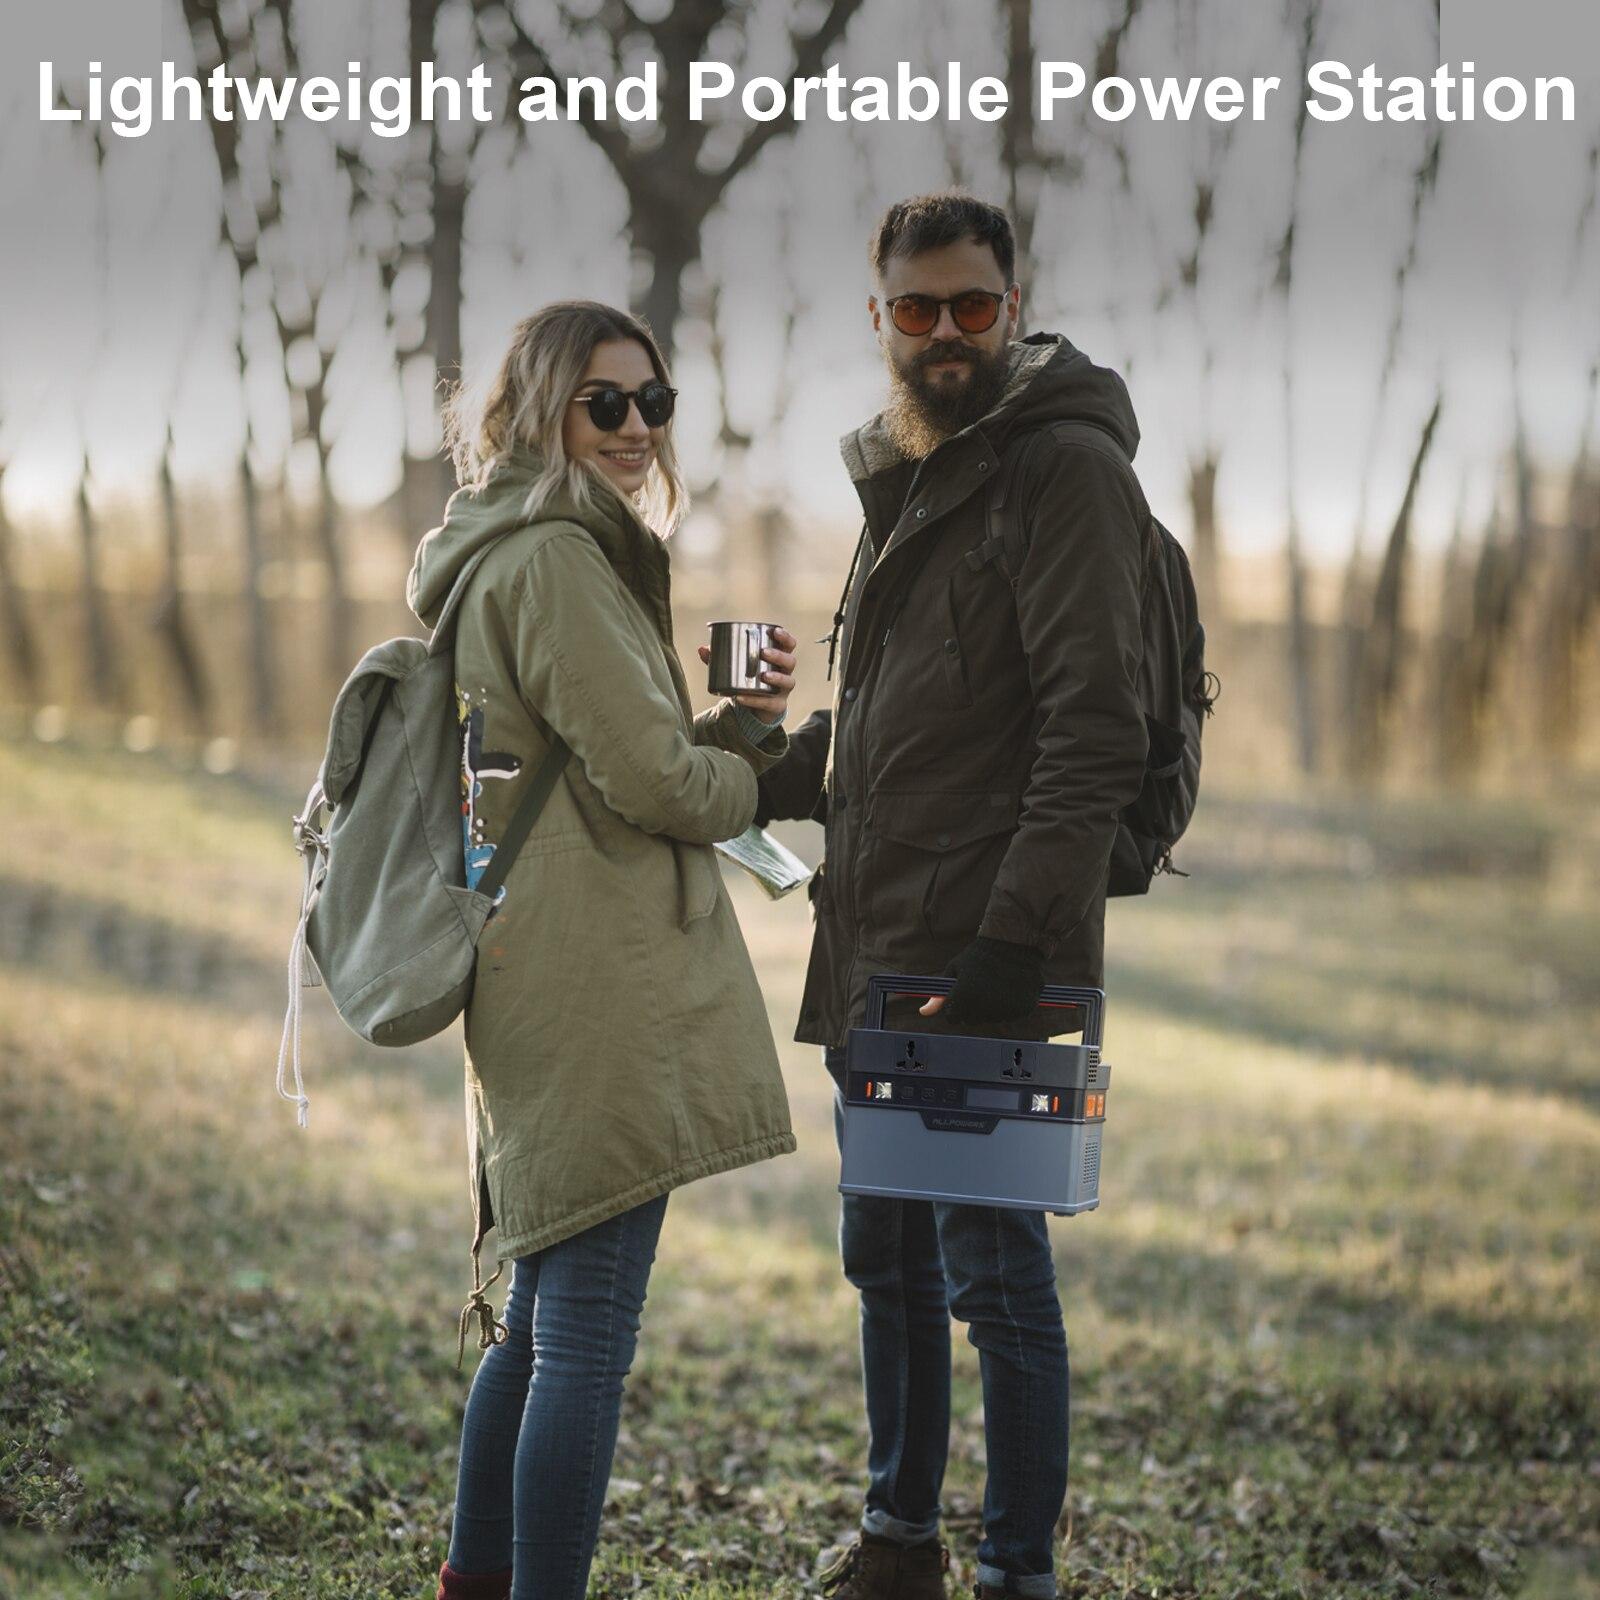 Allpowers Solar Generator, 110V/220V Portable Power Station, mobiele Emergency Backup Power Met 18V Opvouwbare Solar Panel Charger 6